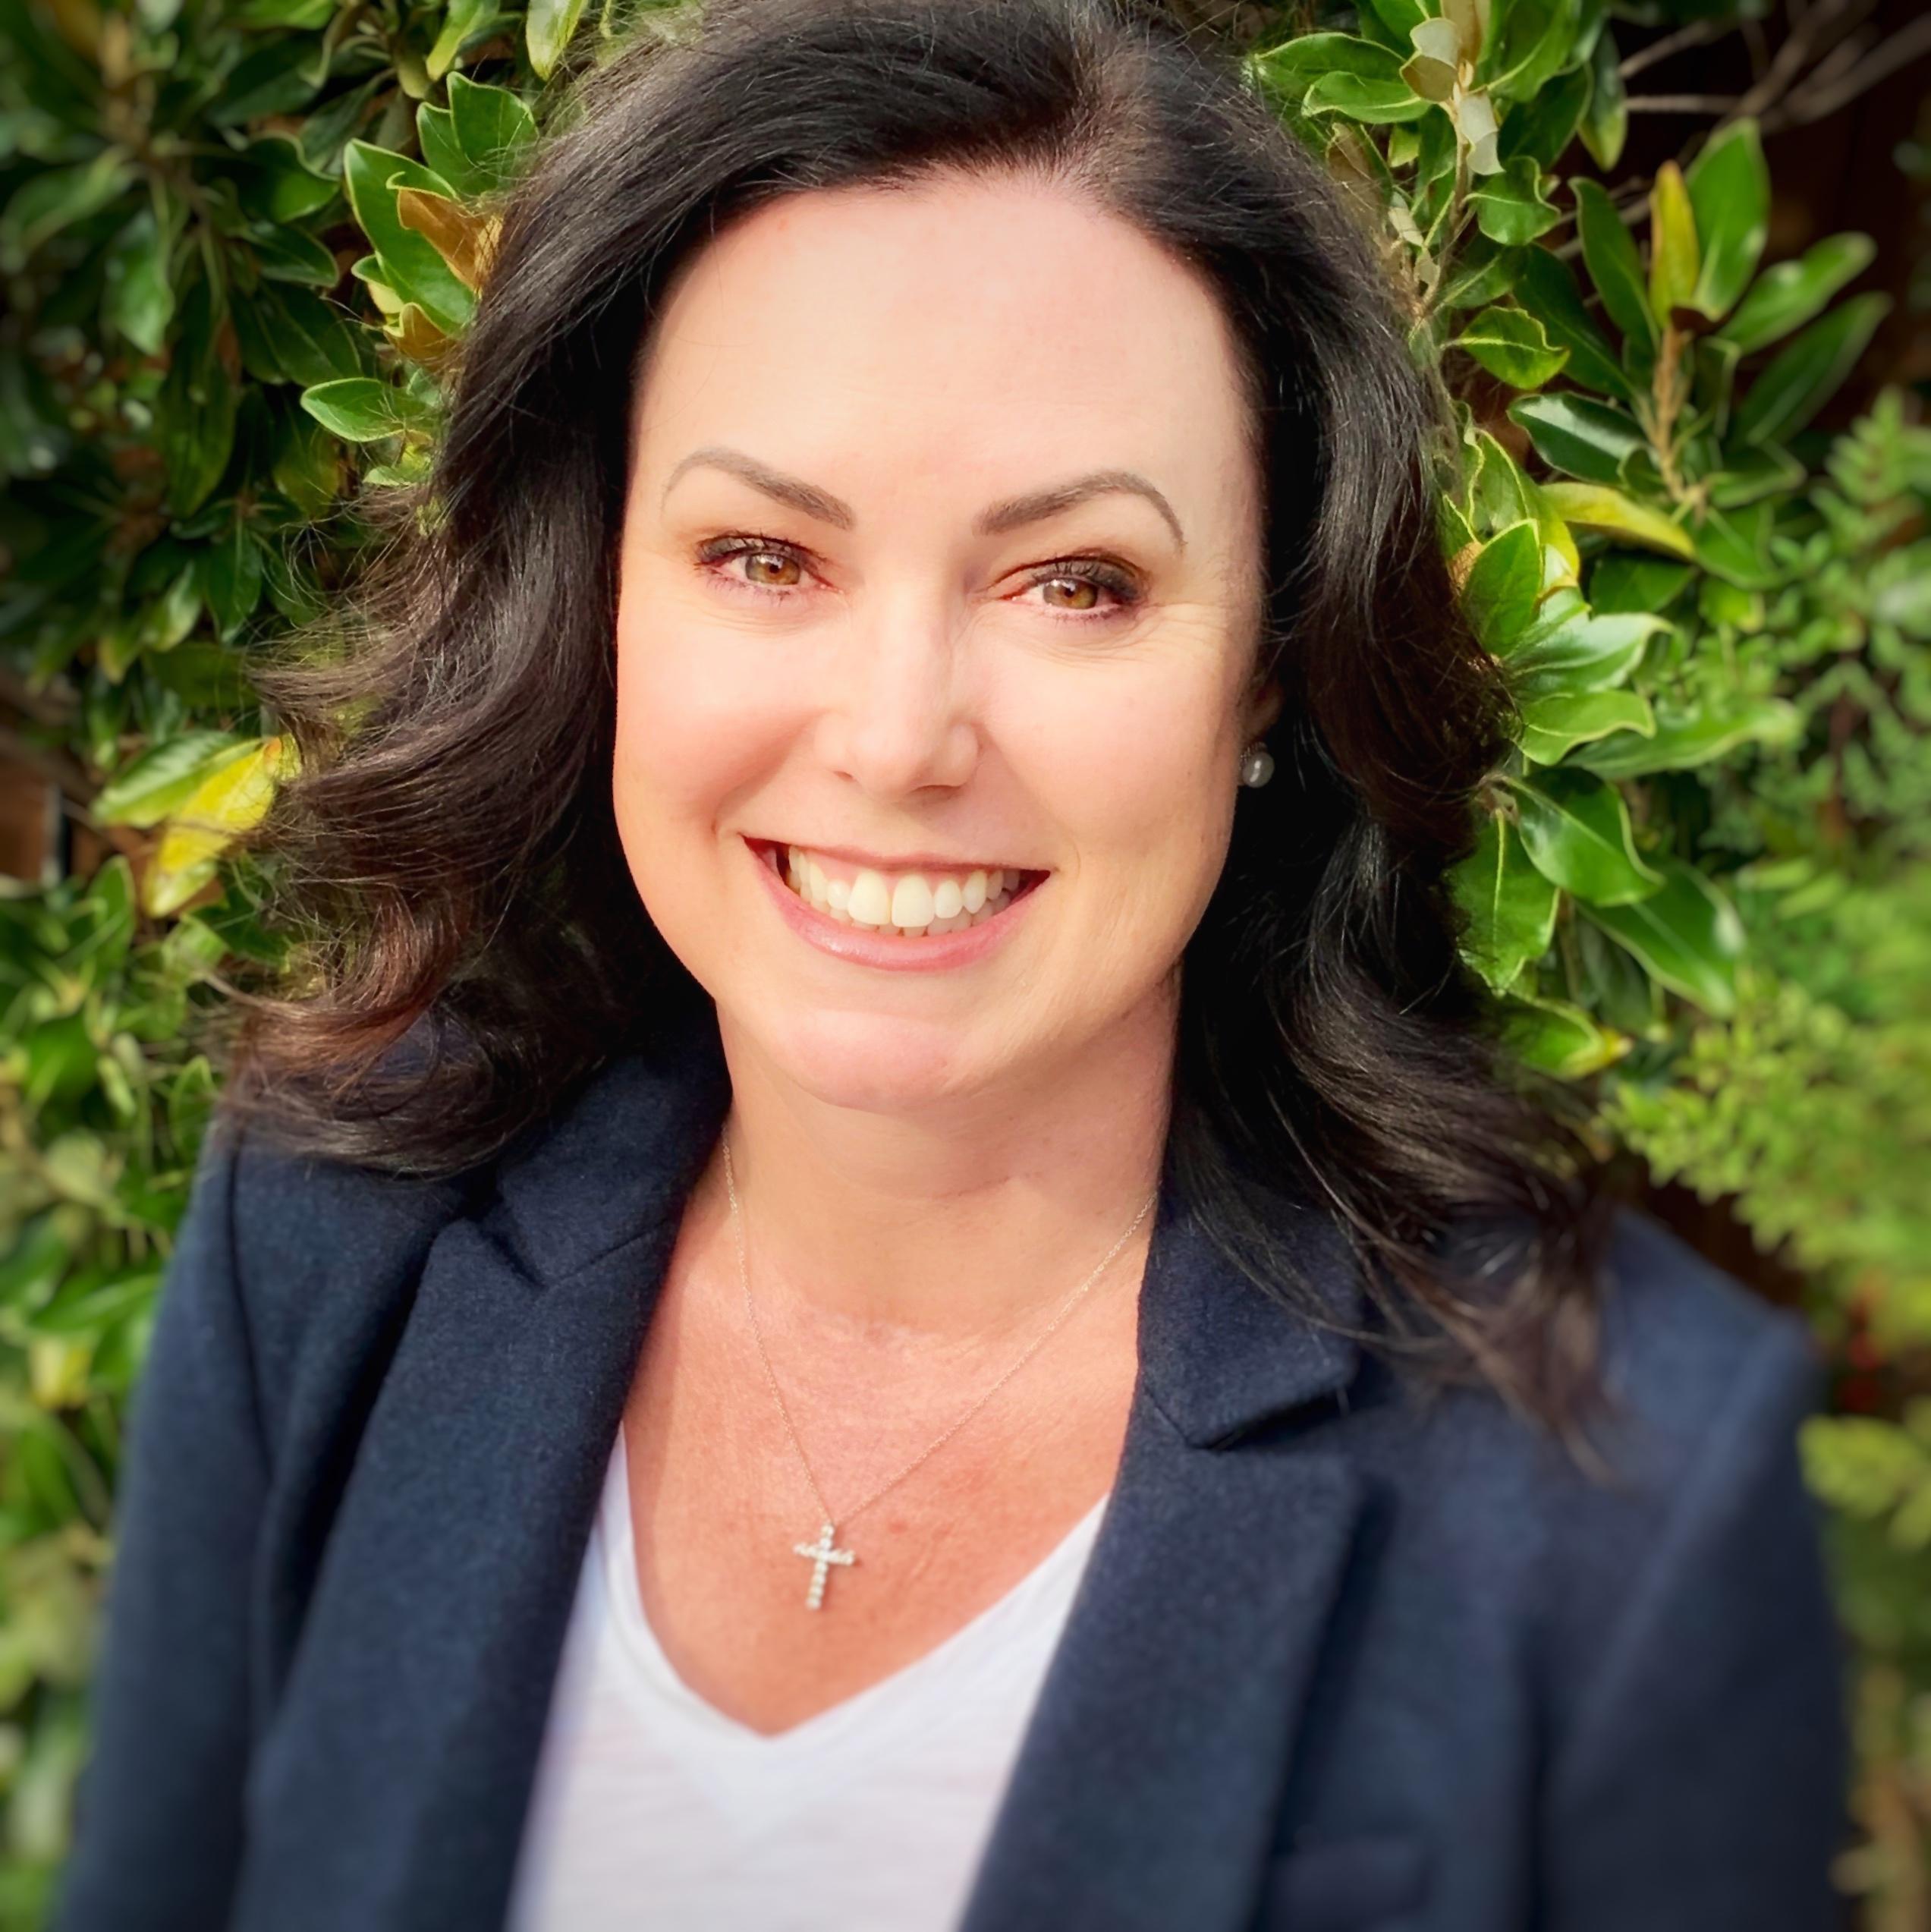 Leslie Paterson